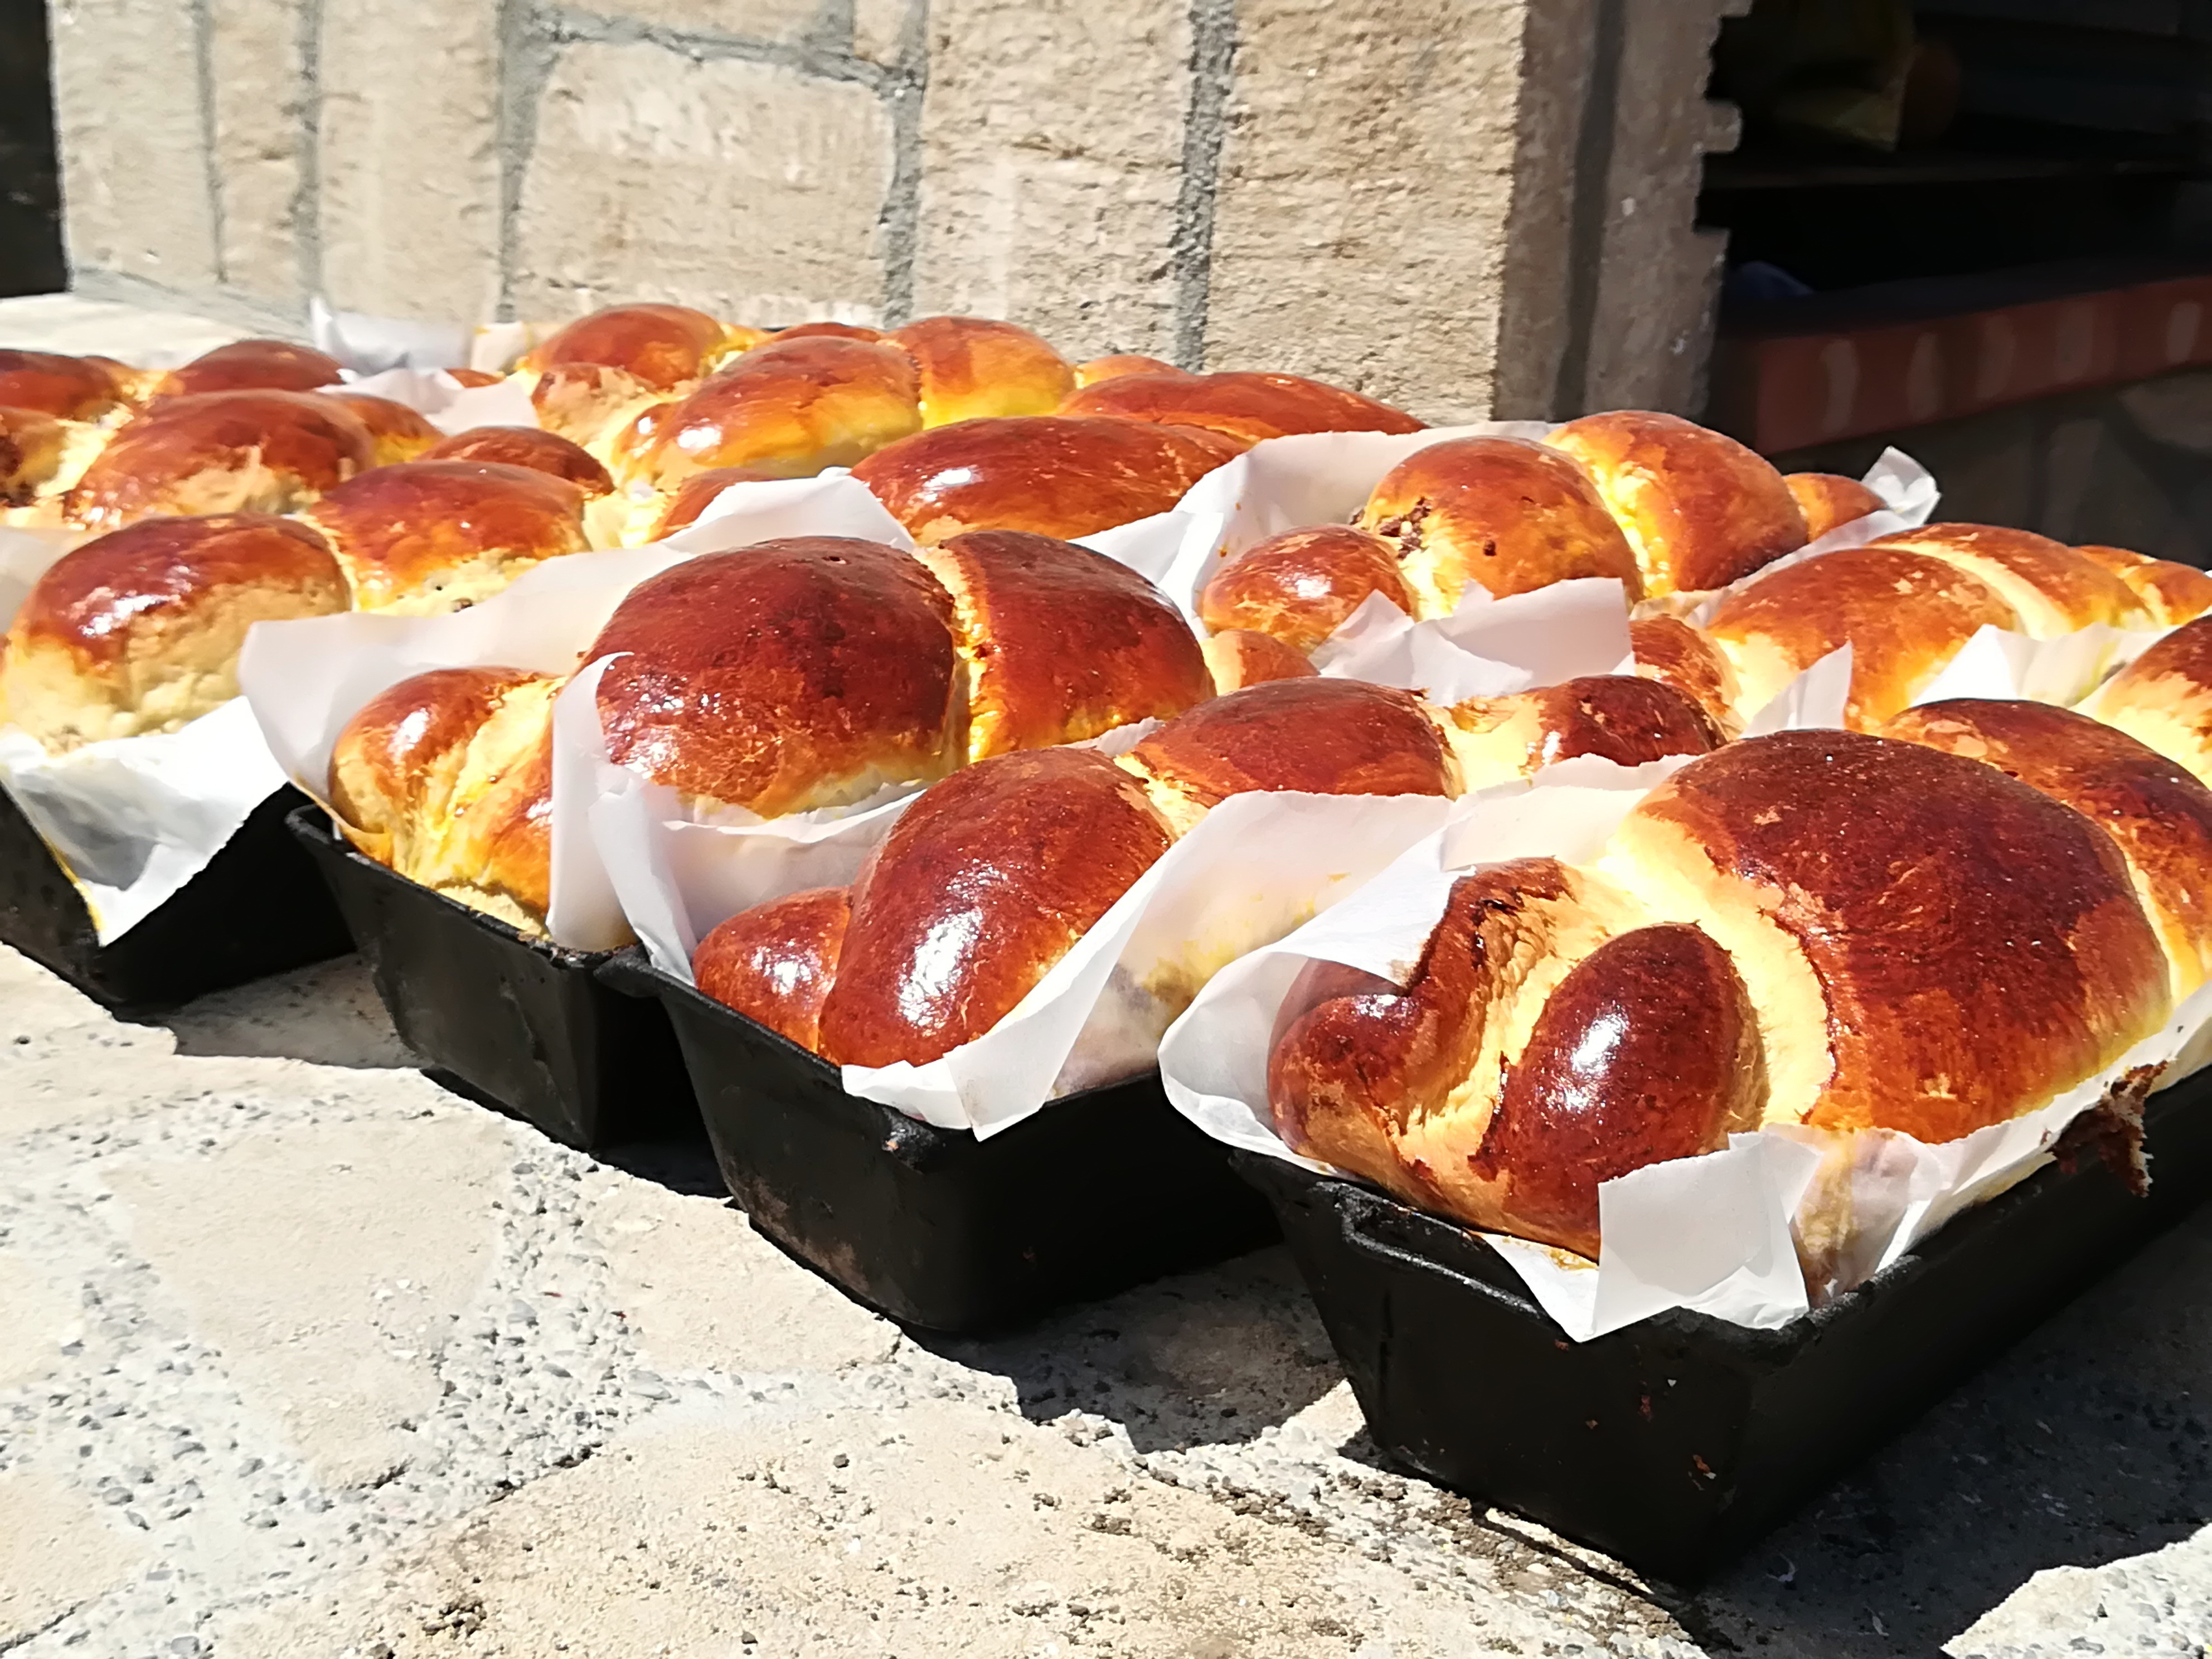 GALERIE FOTO Un cuptor a fost construit în centrul unui sat din Iaşi, unde toată lumea coace pâine şi cozonaci